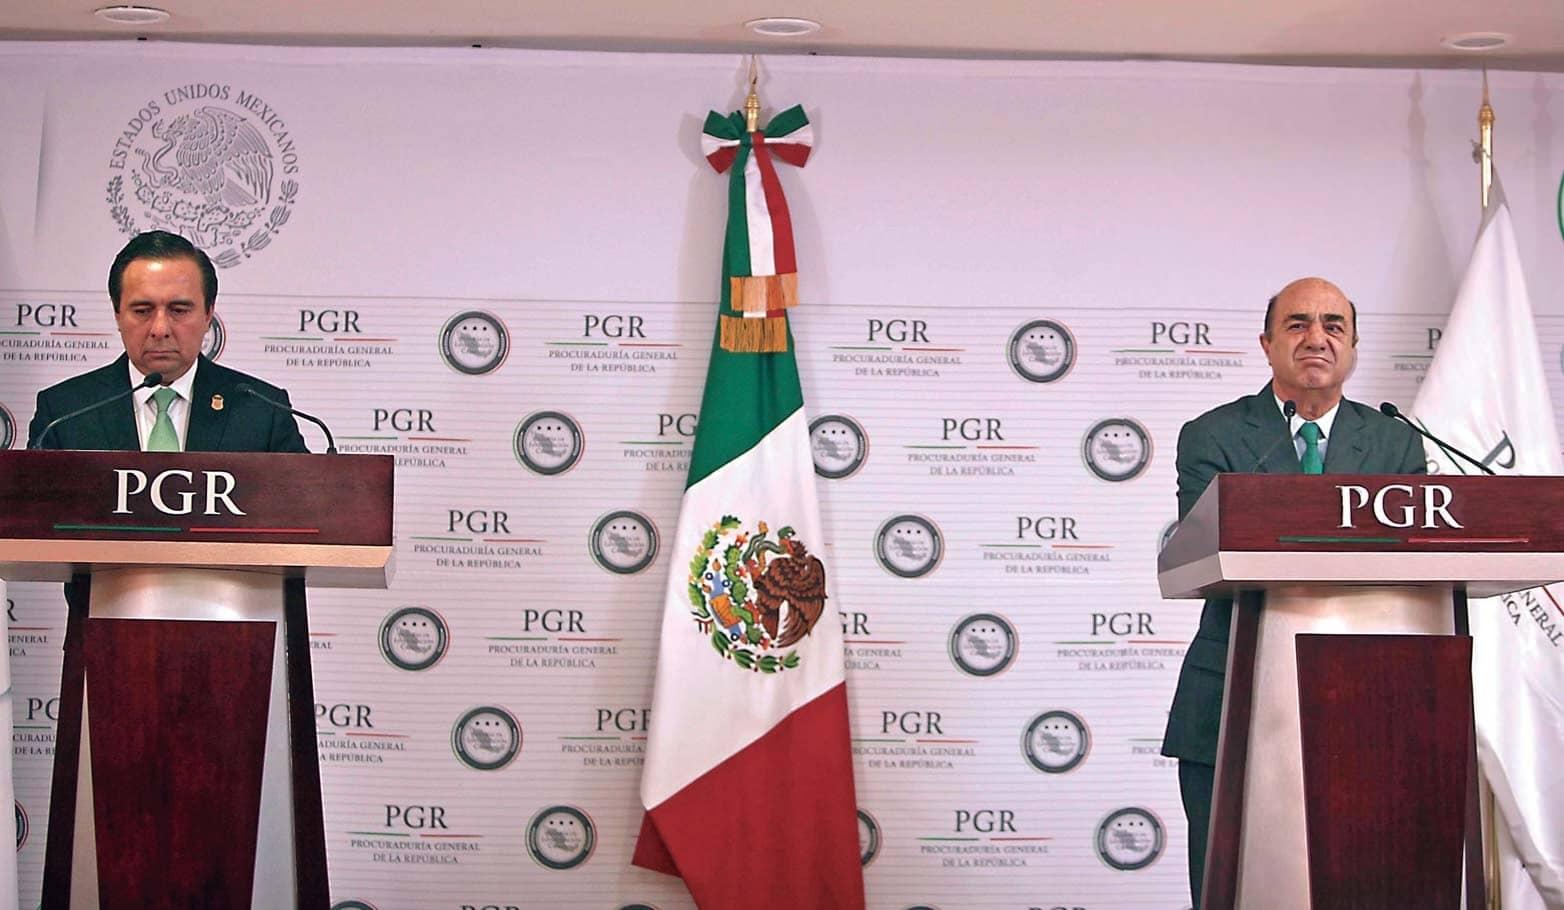 Tomás Zerón Y Otros Nueve Funcionarios, Bajo Acusación Penal